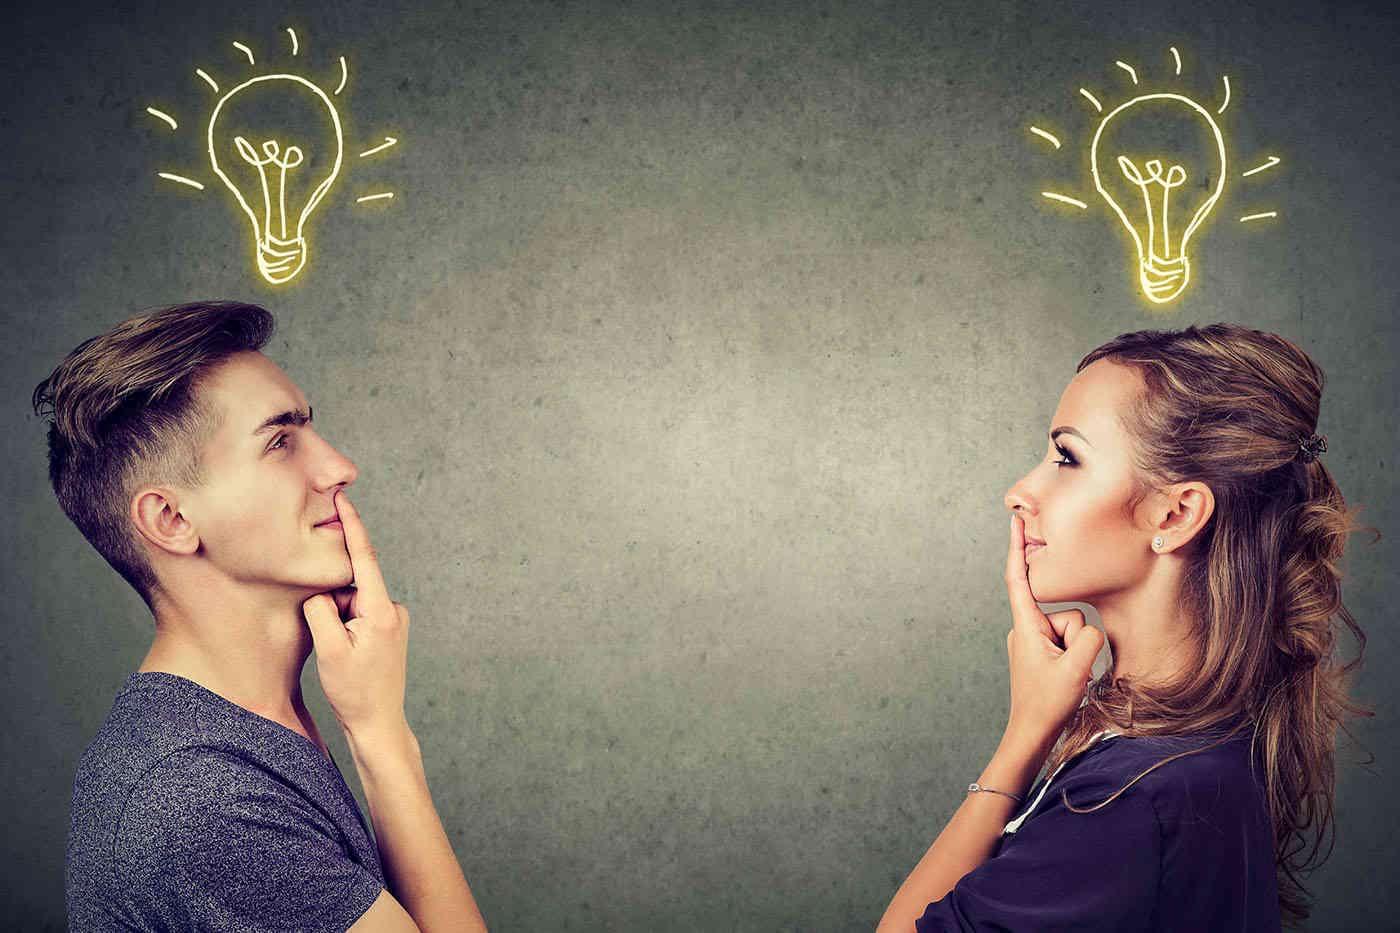 Ce a determinat dezvoltarea evolutivă a creativității? [studiu]